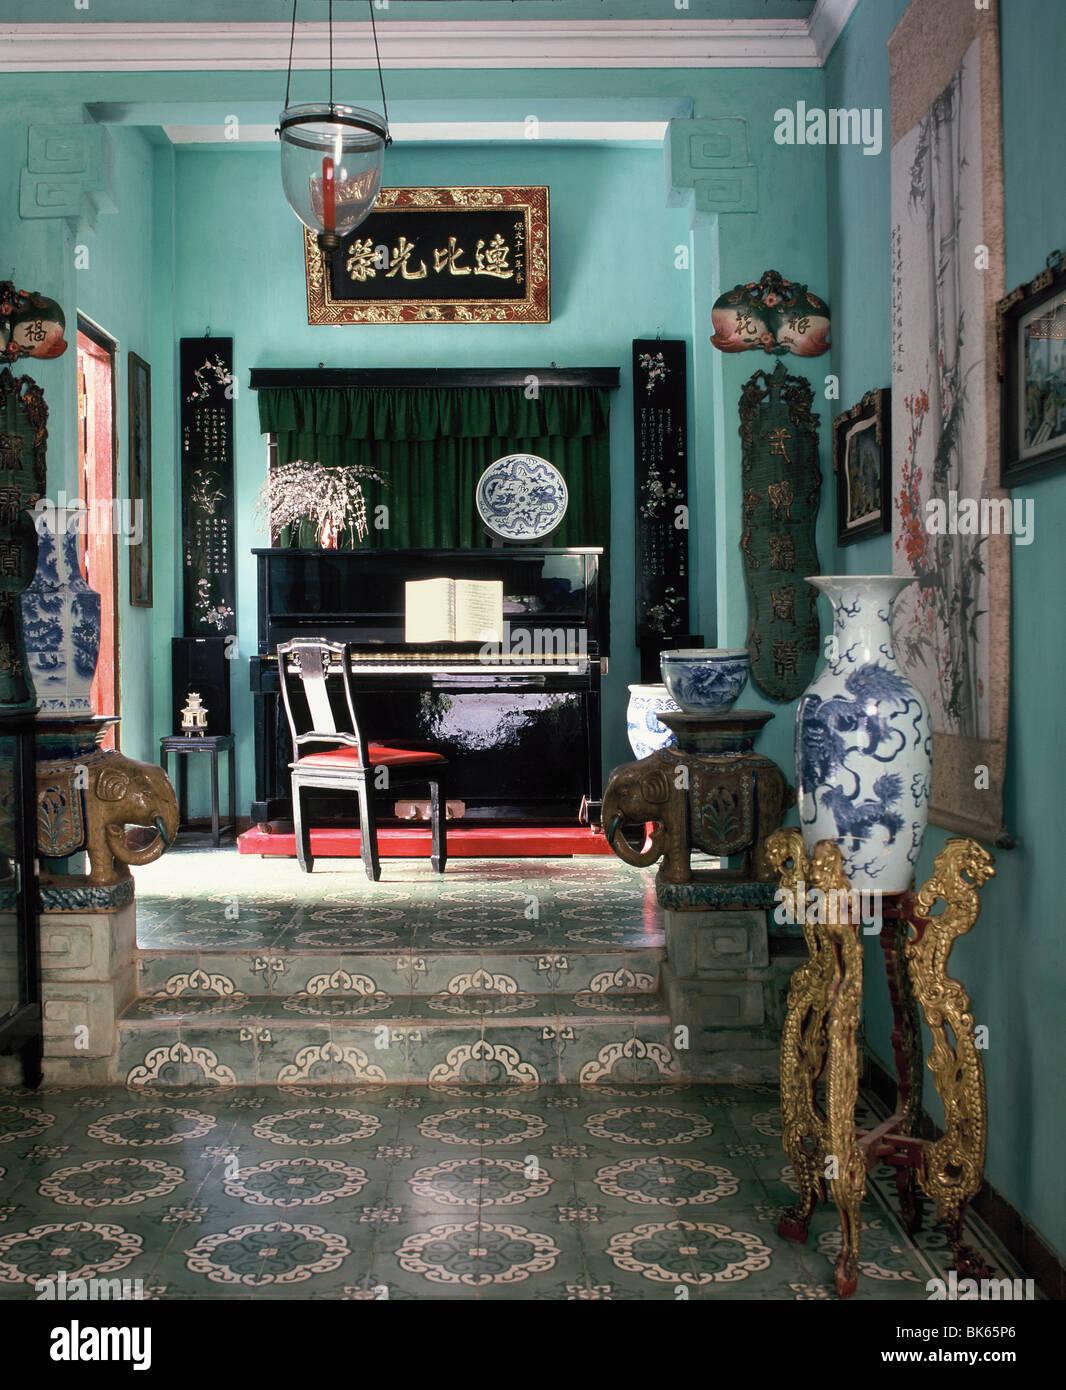 Una mezcla armoniosa de los Vietnamitas y la tradición francesa, Hue, Vietnam Imagen De Stock